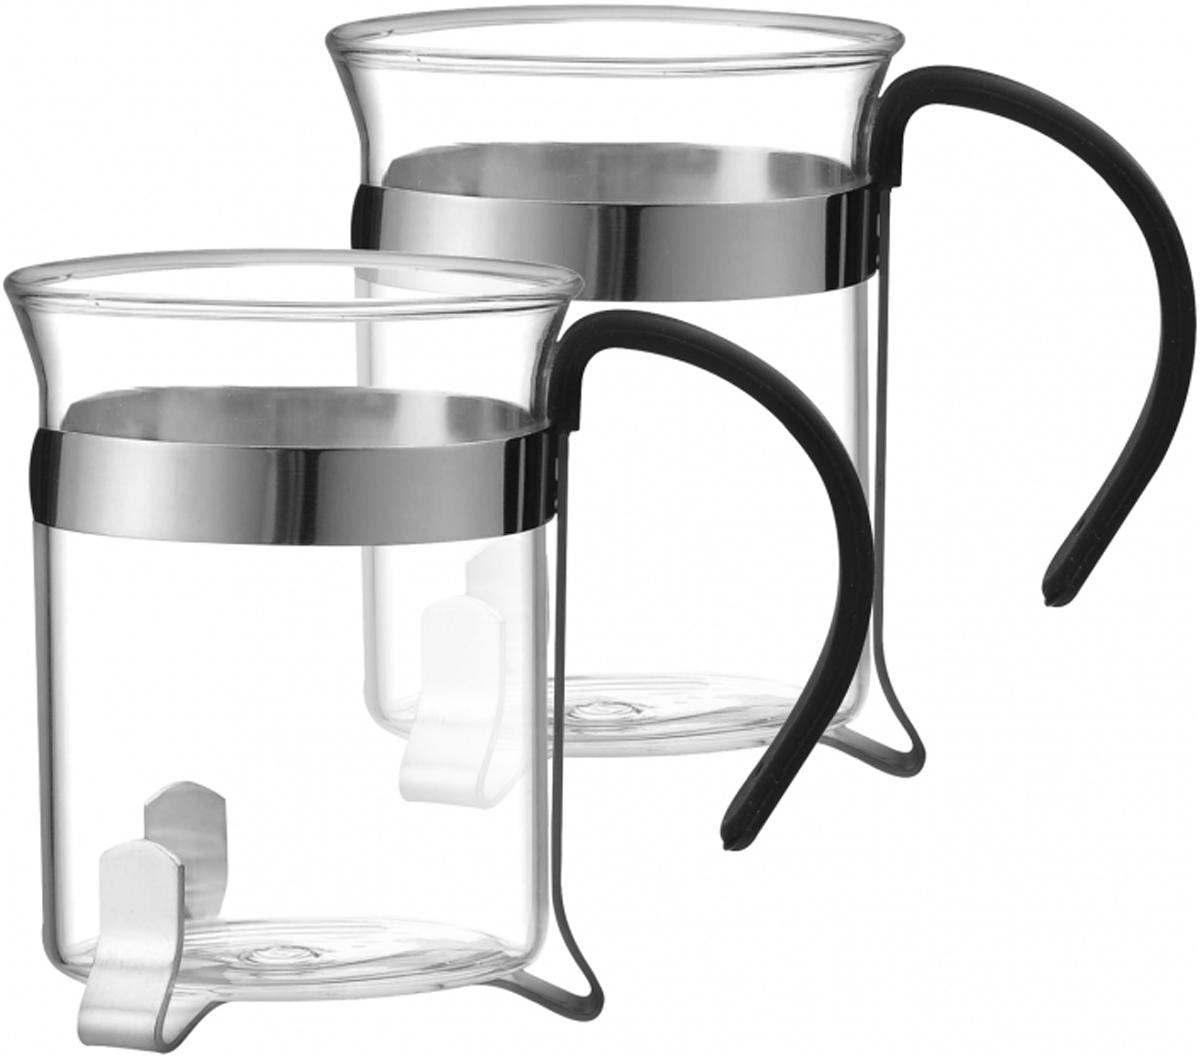 Набор чашек Marta, 200 мл, 2 шт. MT-372654 009312Набор Marta состоит из двух чашек из жаропрочного стекла в оправе из нержавеющей стал и оснащены эргономичными ручками. Чашки имеют устойчивое дно, что гарантирует безопасность и удобство при чаепитии. Изделия легко моются и остаются чистыми продолжительное время.Набор чашек Marta - отличный подарок для любителей горячих напитков и ценителей посуды из качественных экологически чистых материалов. Он сочетает в себе элегантность и практичность, послужит источником отличного настроения для двоих.Подходят для мытья в посудомоечной машине.